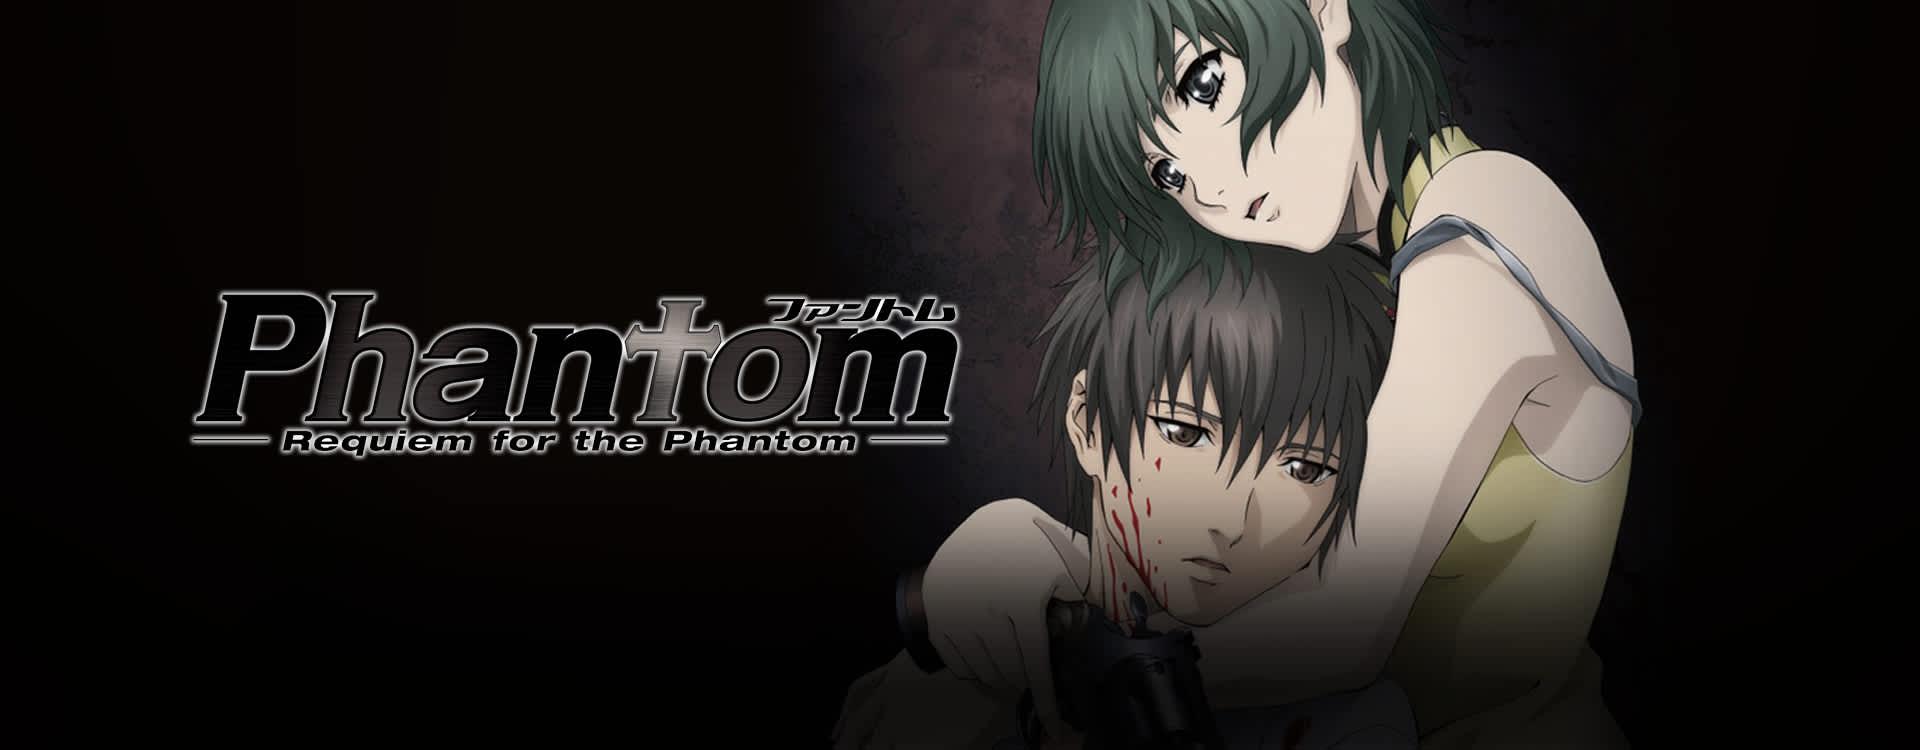 phantom requiem for the phantom ger dub